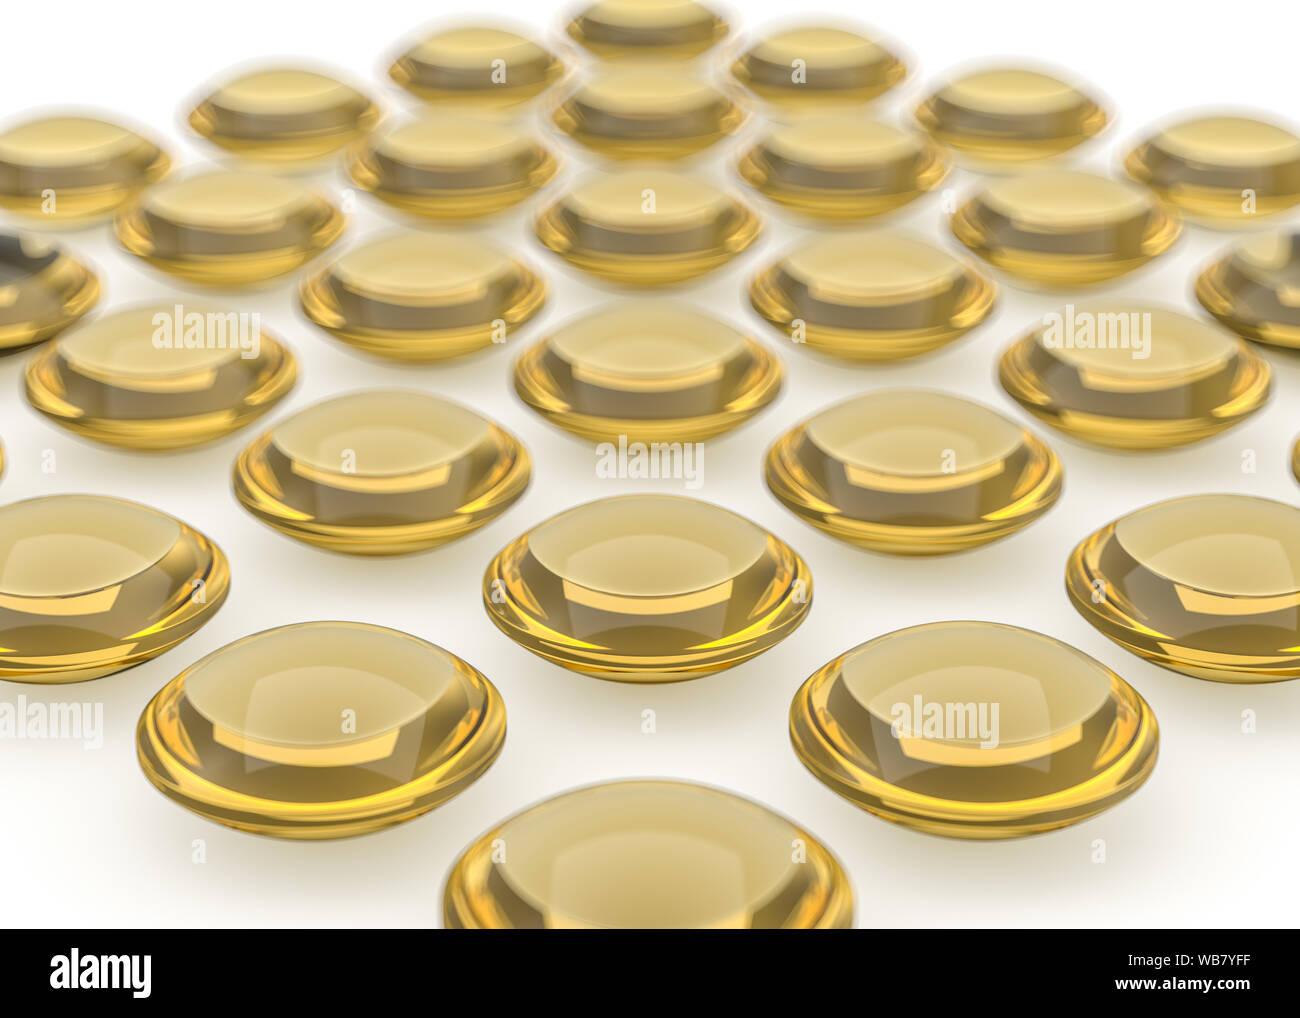 Glänzend Kapsel Llustration. Golden Image mit Reflexionen und Schatten. Kosmetische, pharmazeutische und medizinische Konzept. 3D-Rendering Stockfoto